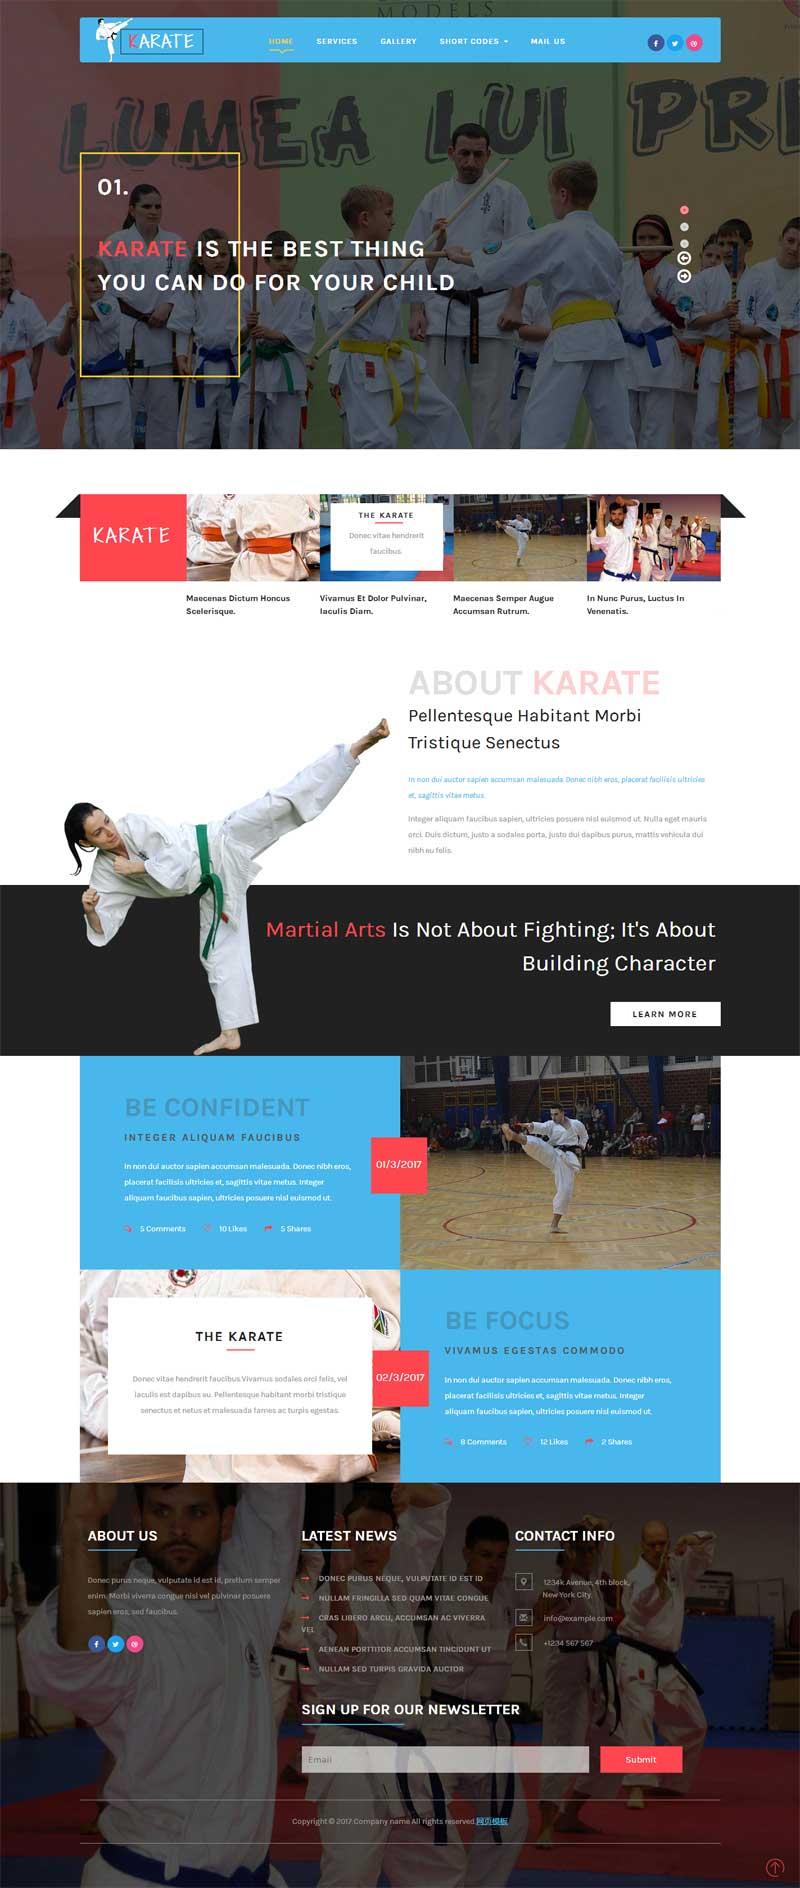 宽屏的儿童跆拳道培训教育网站模板下载